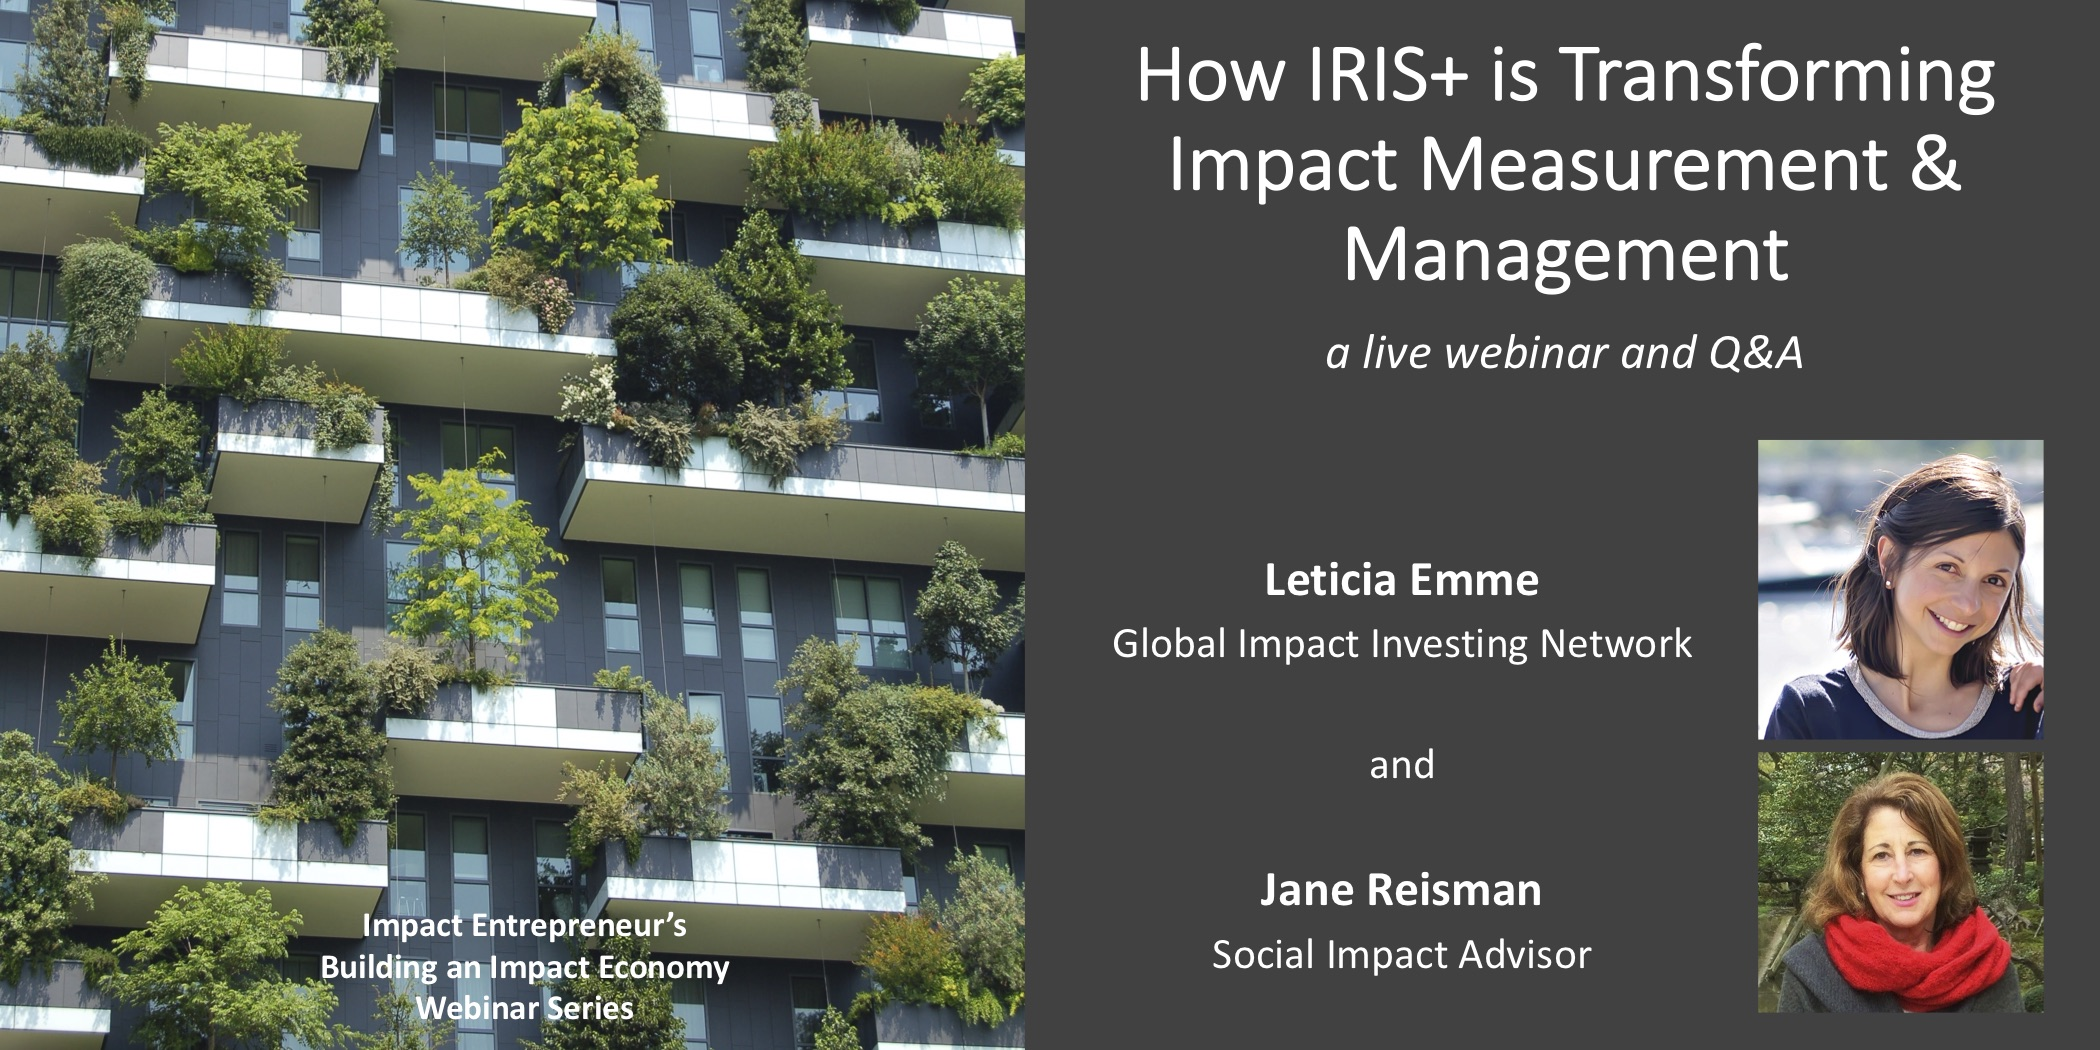 IRIS+ Lead Image.jpg